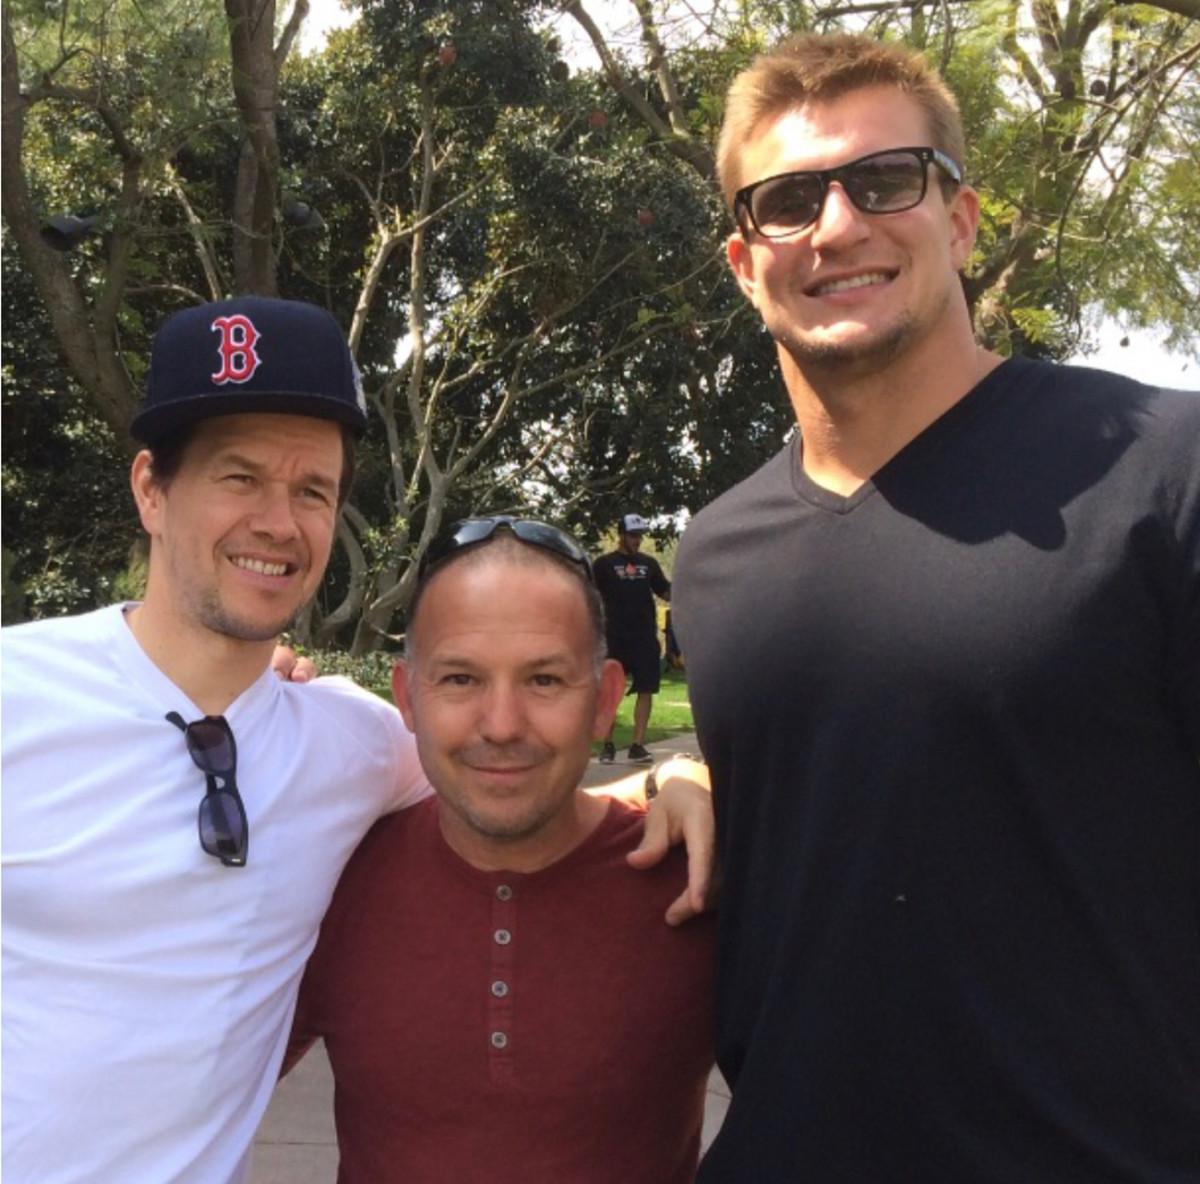 Wahlberg, Penzi and Gronk.